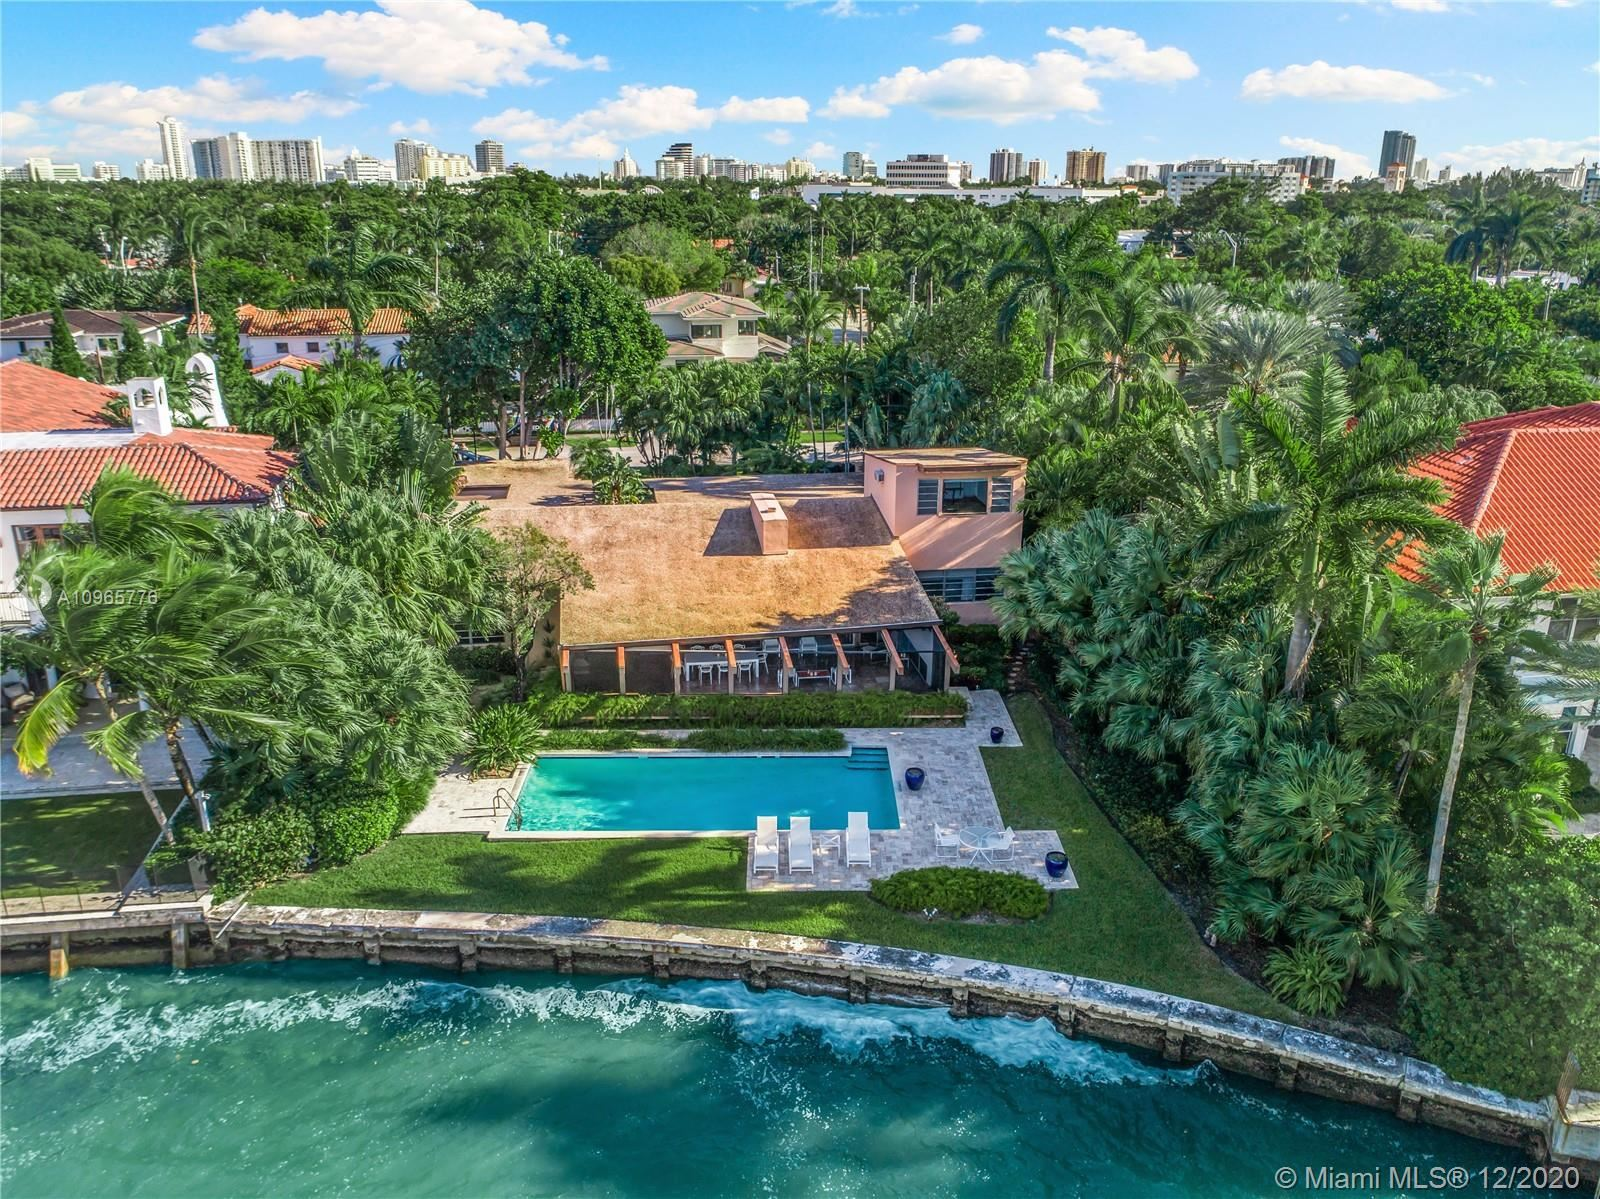 Photo of 4404 N Bay Rd, Miami Beach, FL 33140 (MLS # A10965776)